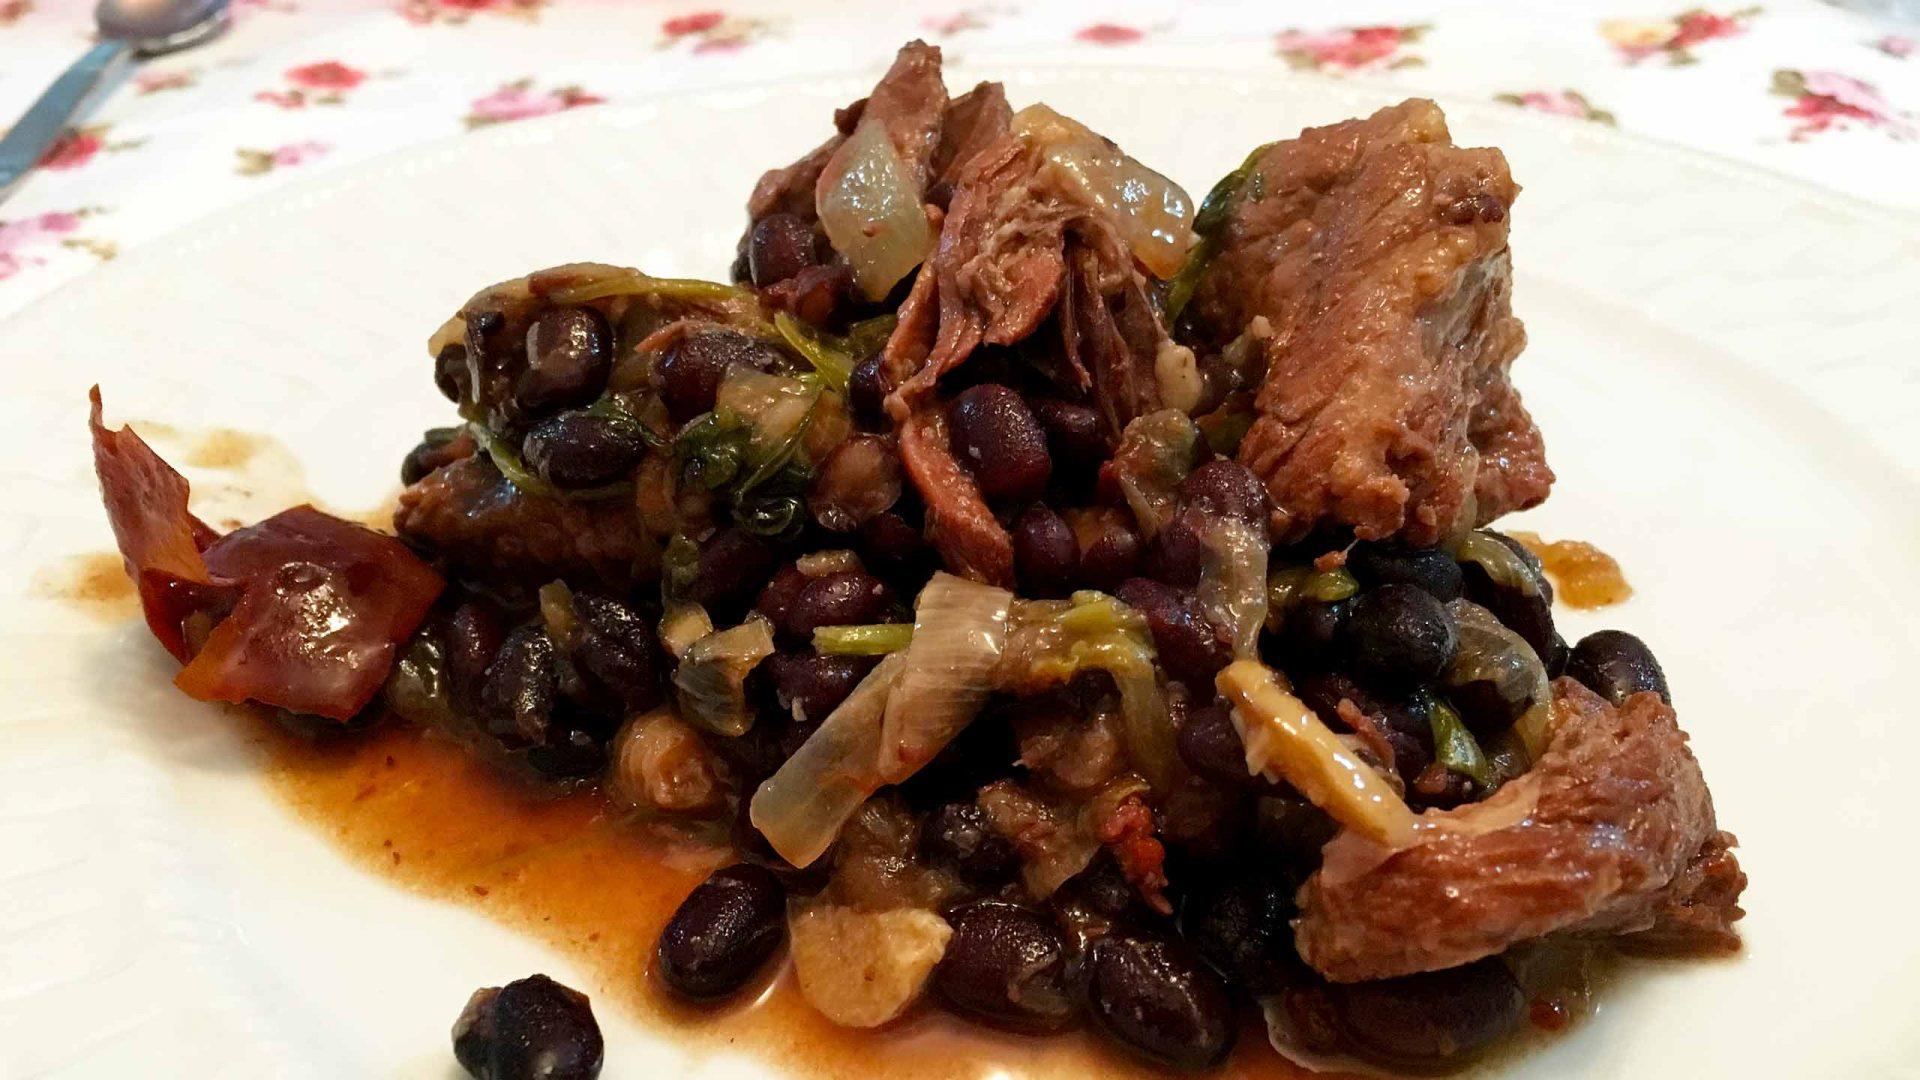 פיג'ואדה לשון בקר, חזה אווז, שפונדרה, וצוריסו עם ירקות שורש ושעועית